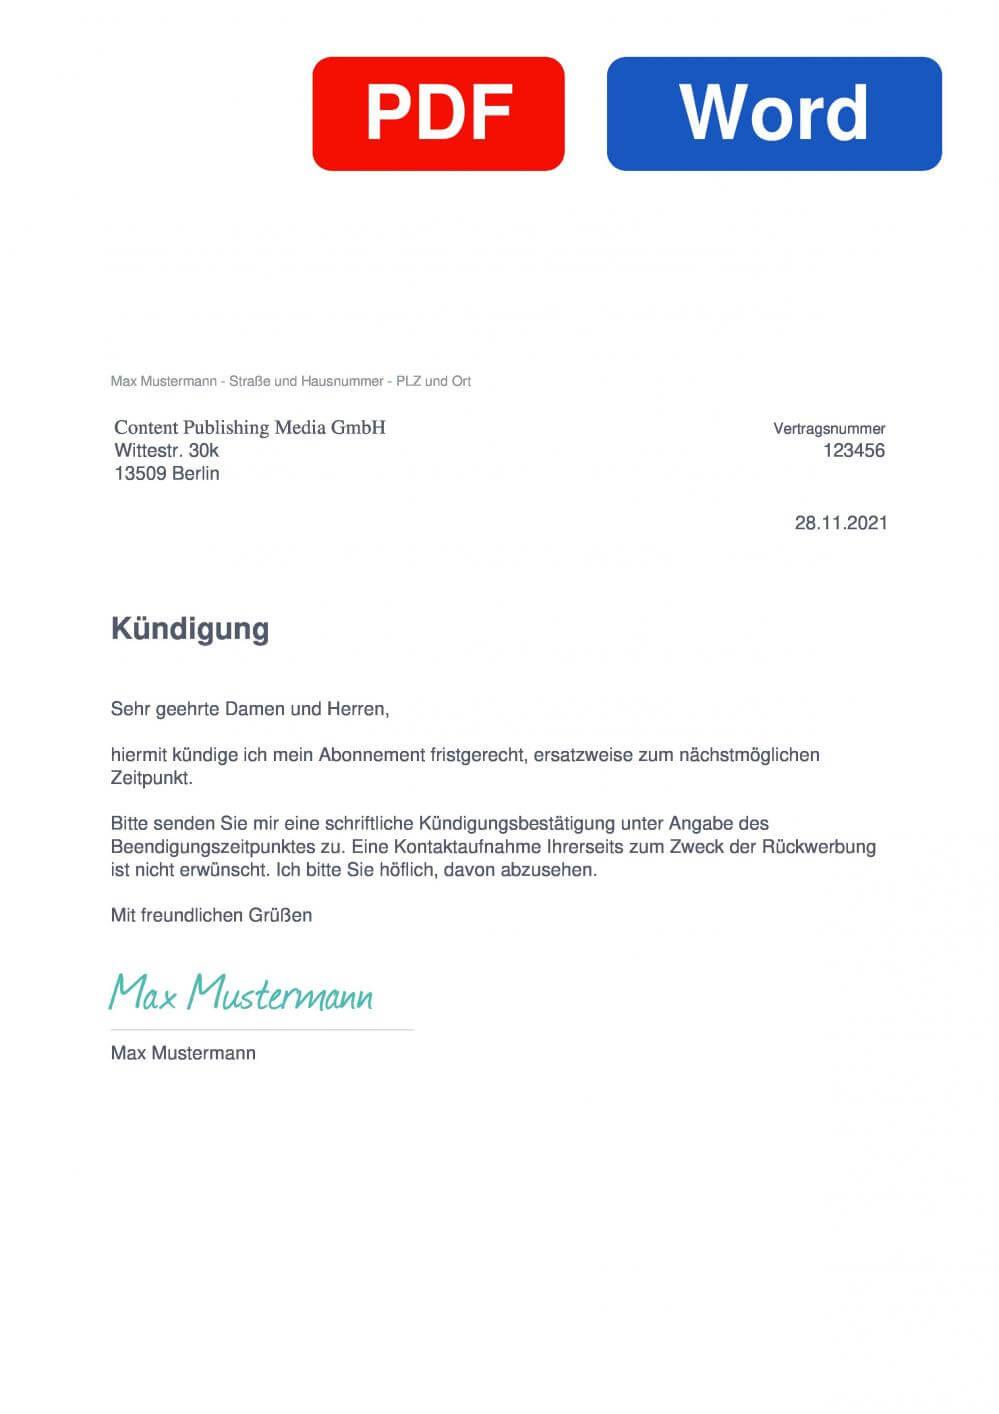 Filenugget Muster Vorlage für Kündigungsschreiben